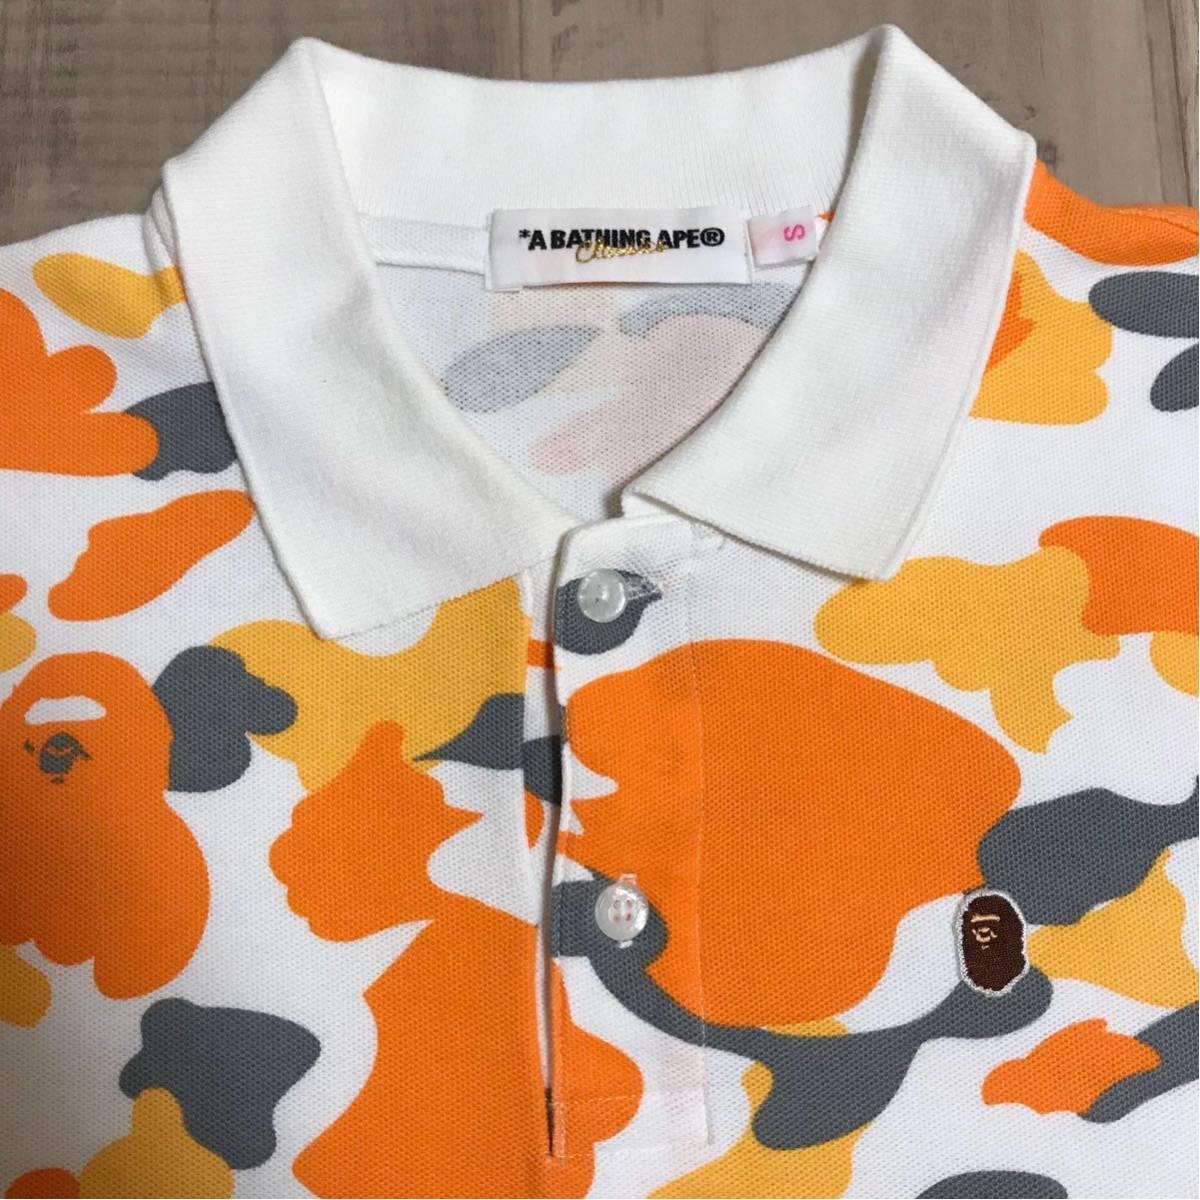 ★福岡限定★ fukuoka city camo ポロシャツ レディース Sサイズ a bathing ape bape エイプ ベイプ 都市限定 迷彩 store limited camo